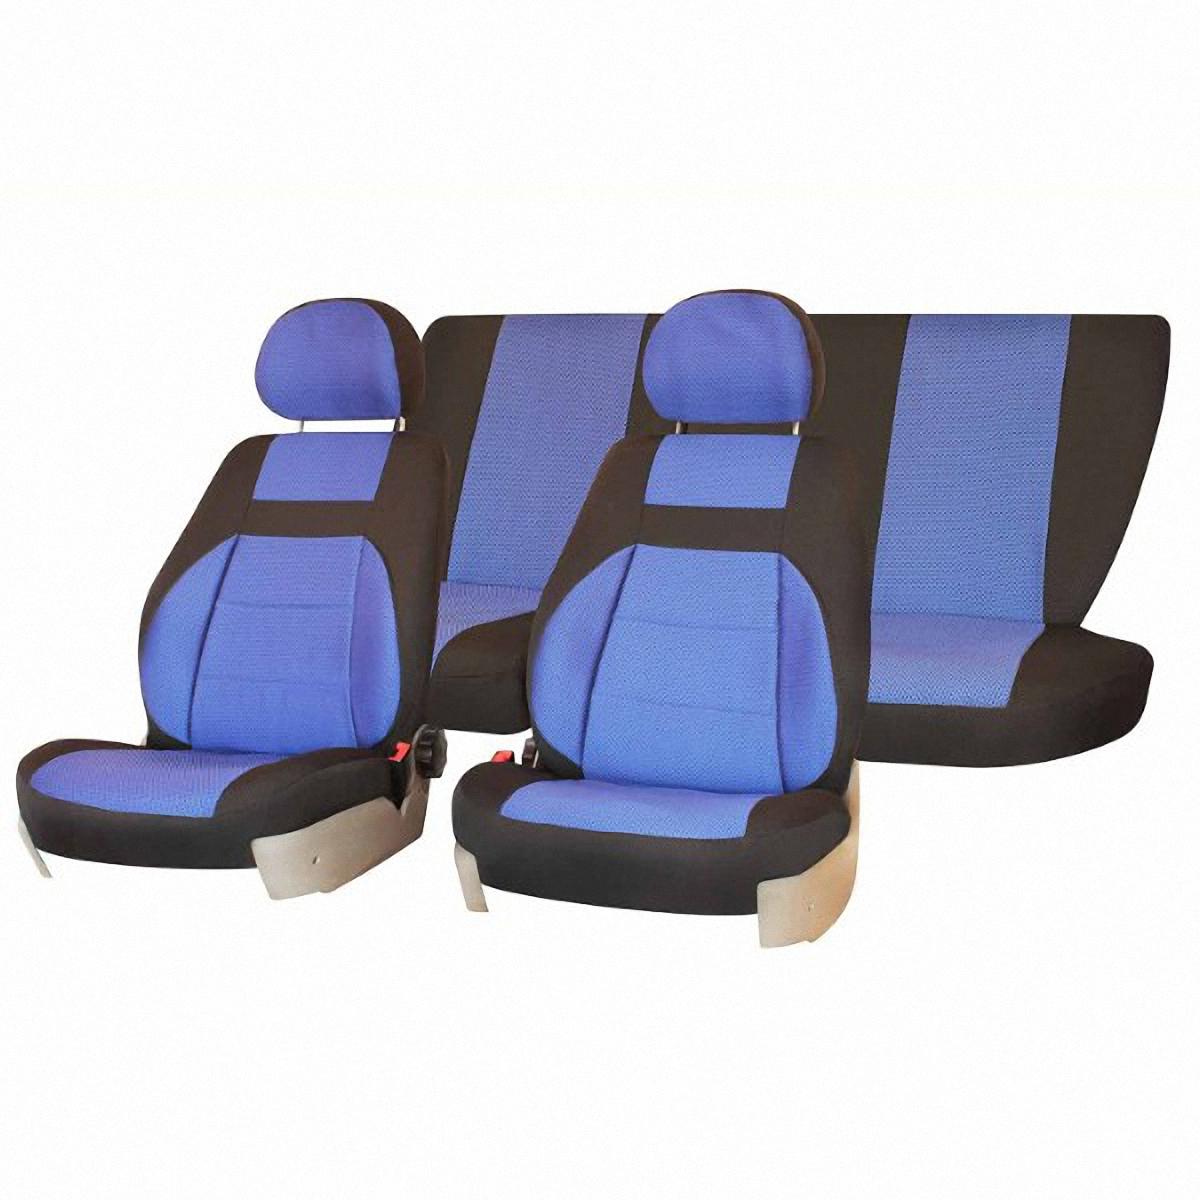 Чехлы автомобильные Skyway, для Lada Kalina 2004-2013, цвет: синий, черный чехлы для автокресел fashion sport 14 fks 1 6 2013 pu